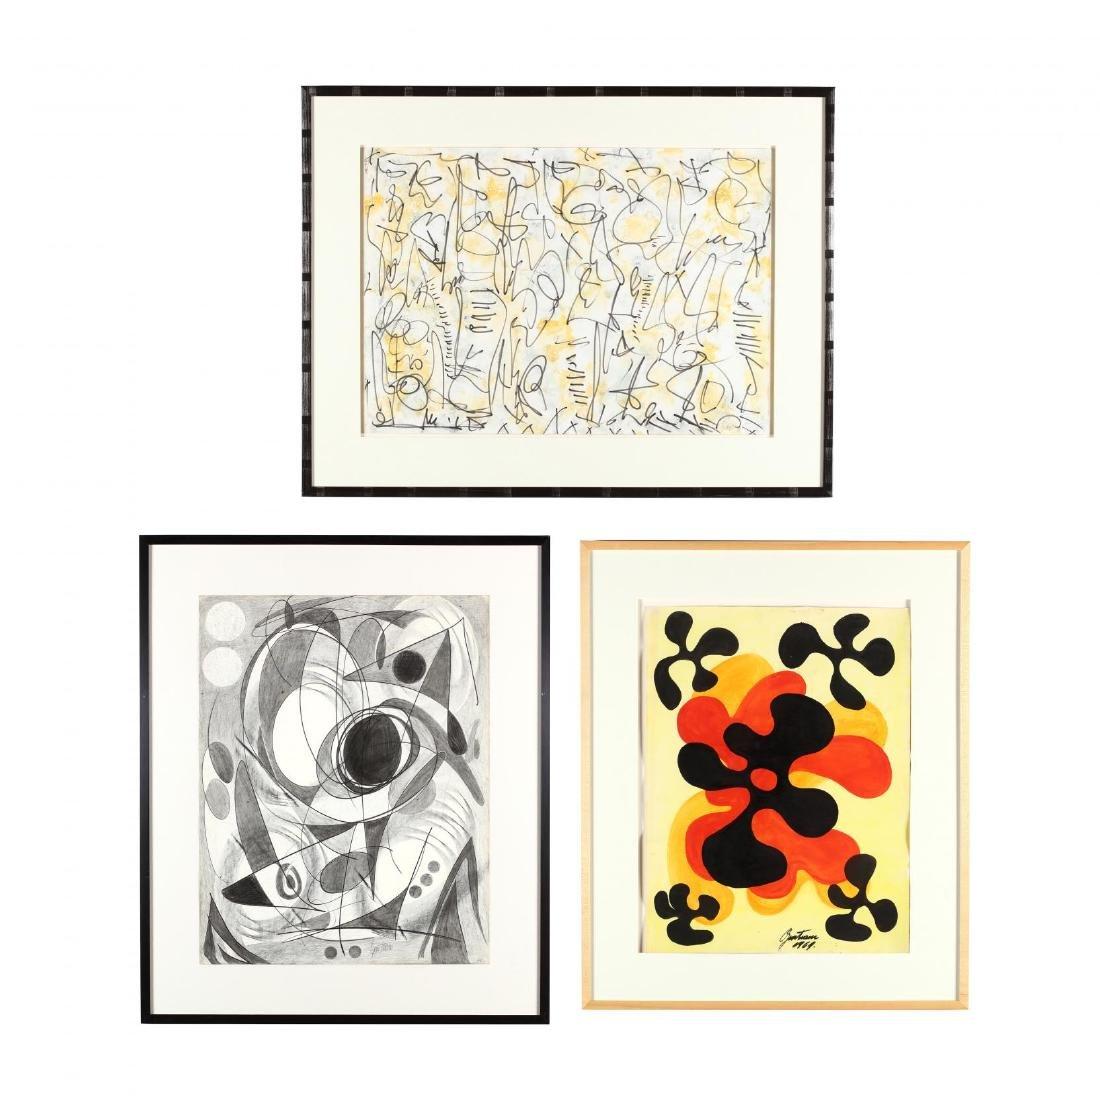 Guntram Gersch (NC, 1935-2013), Three Original